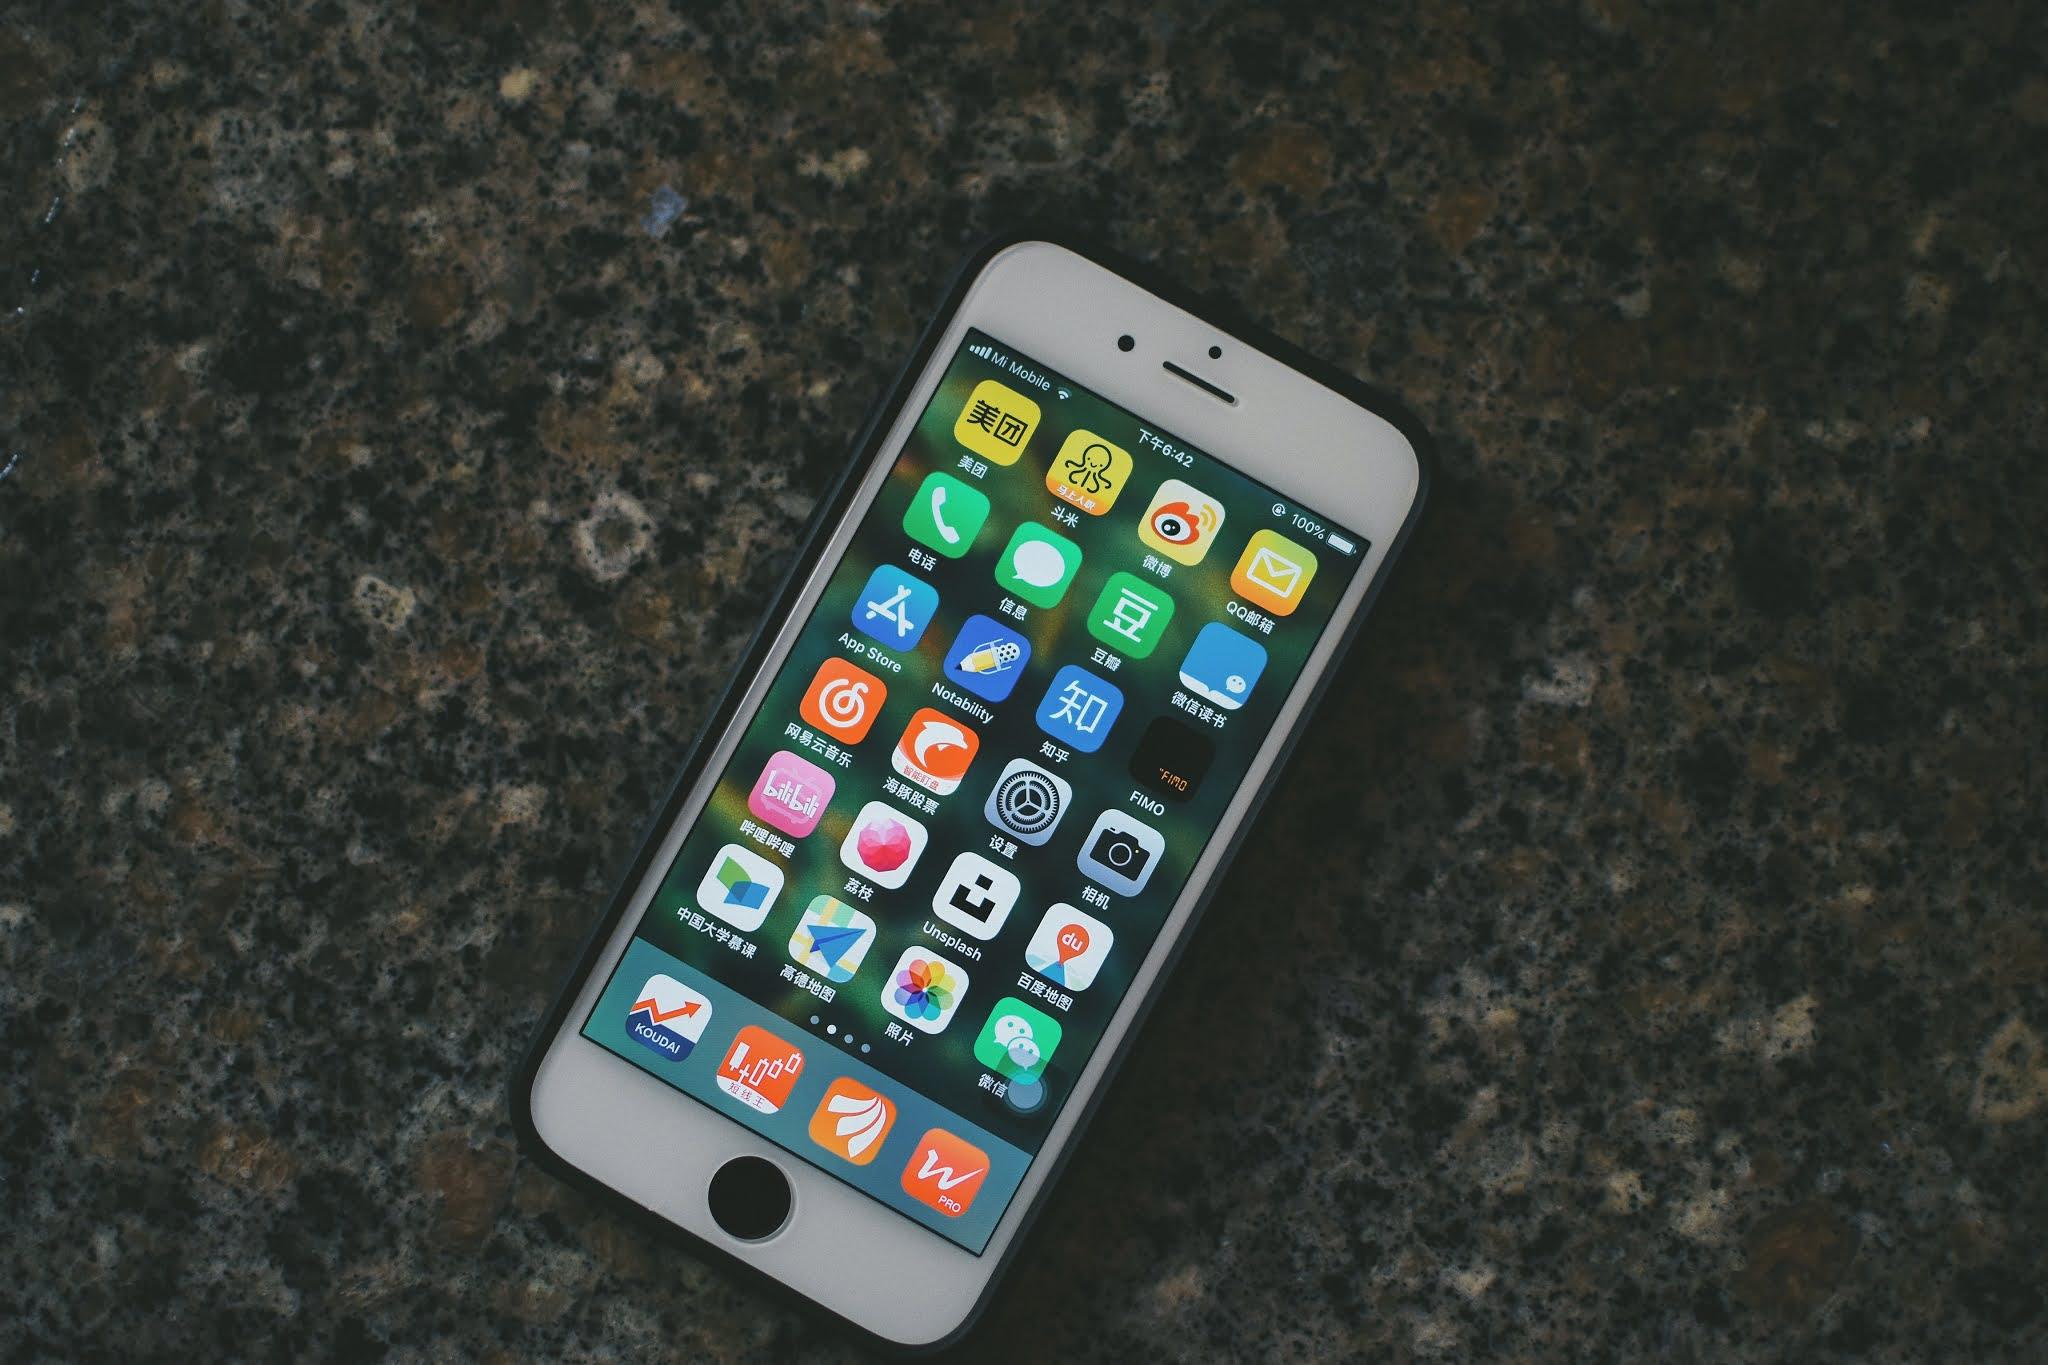 عمان تطرح تطبيق هاتف محمول لبيع الهجن في مزاد